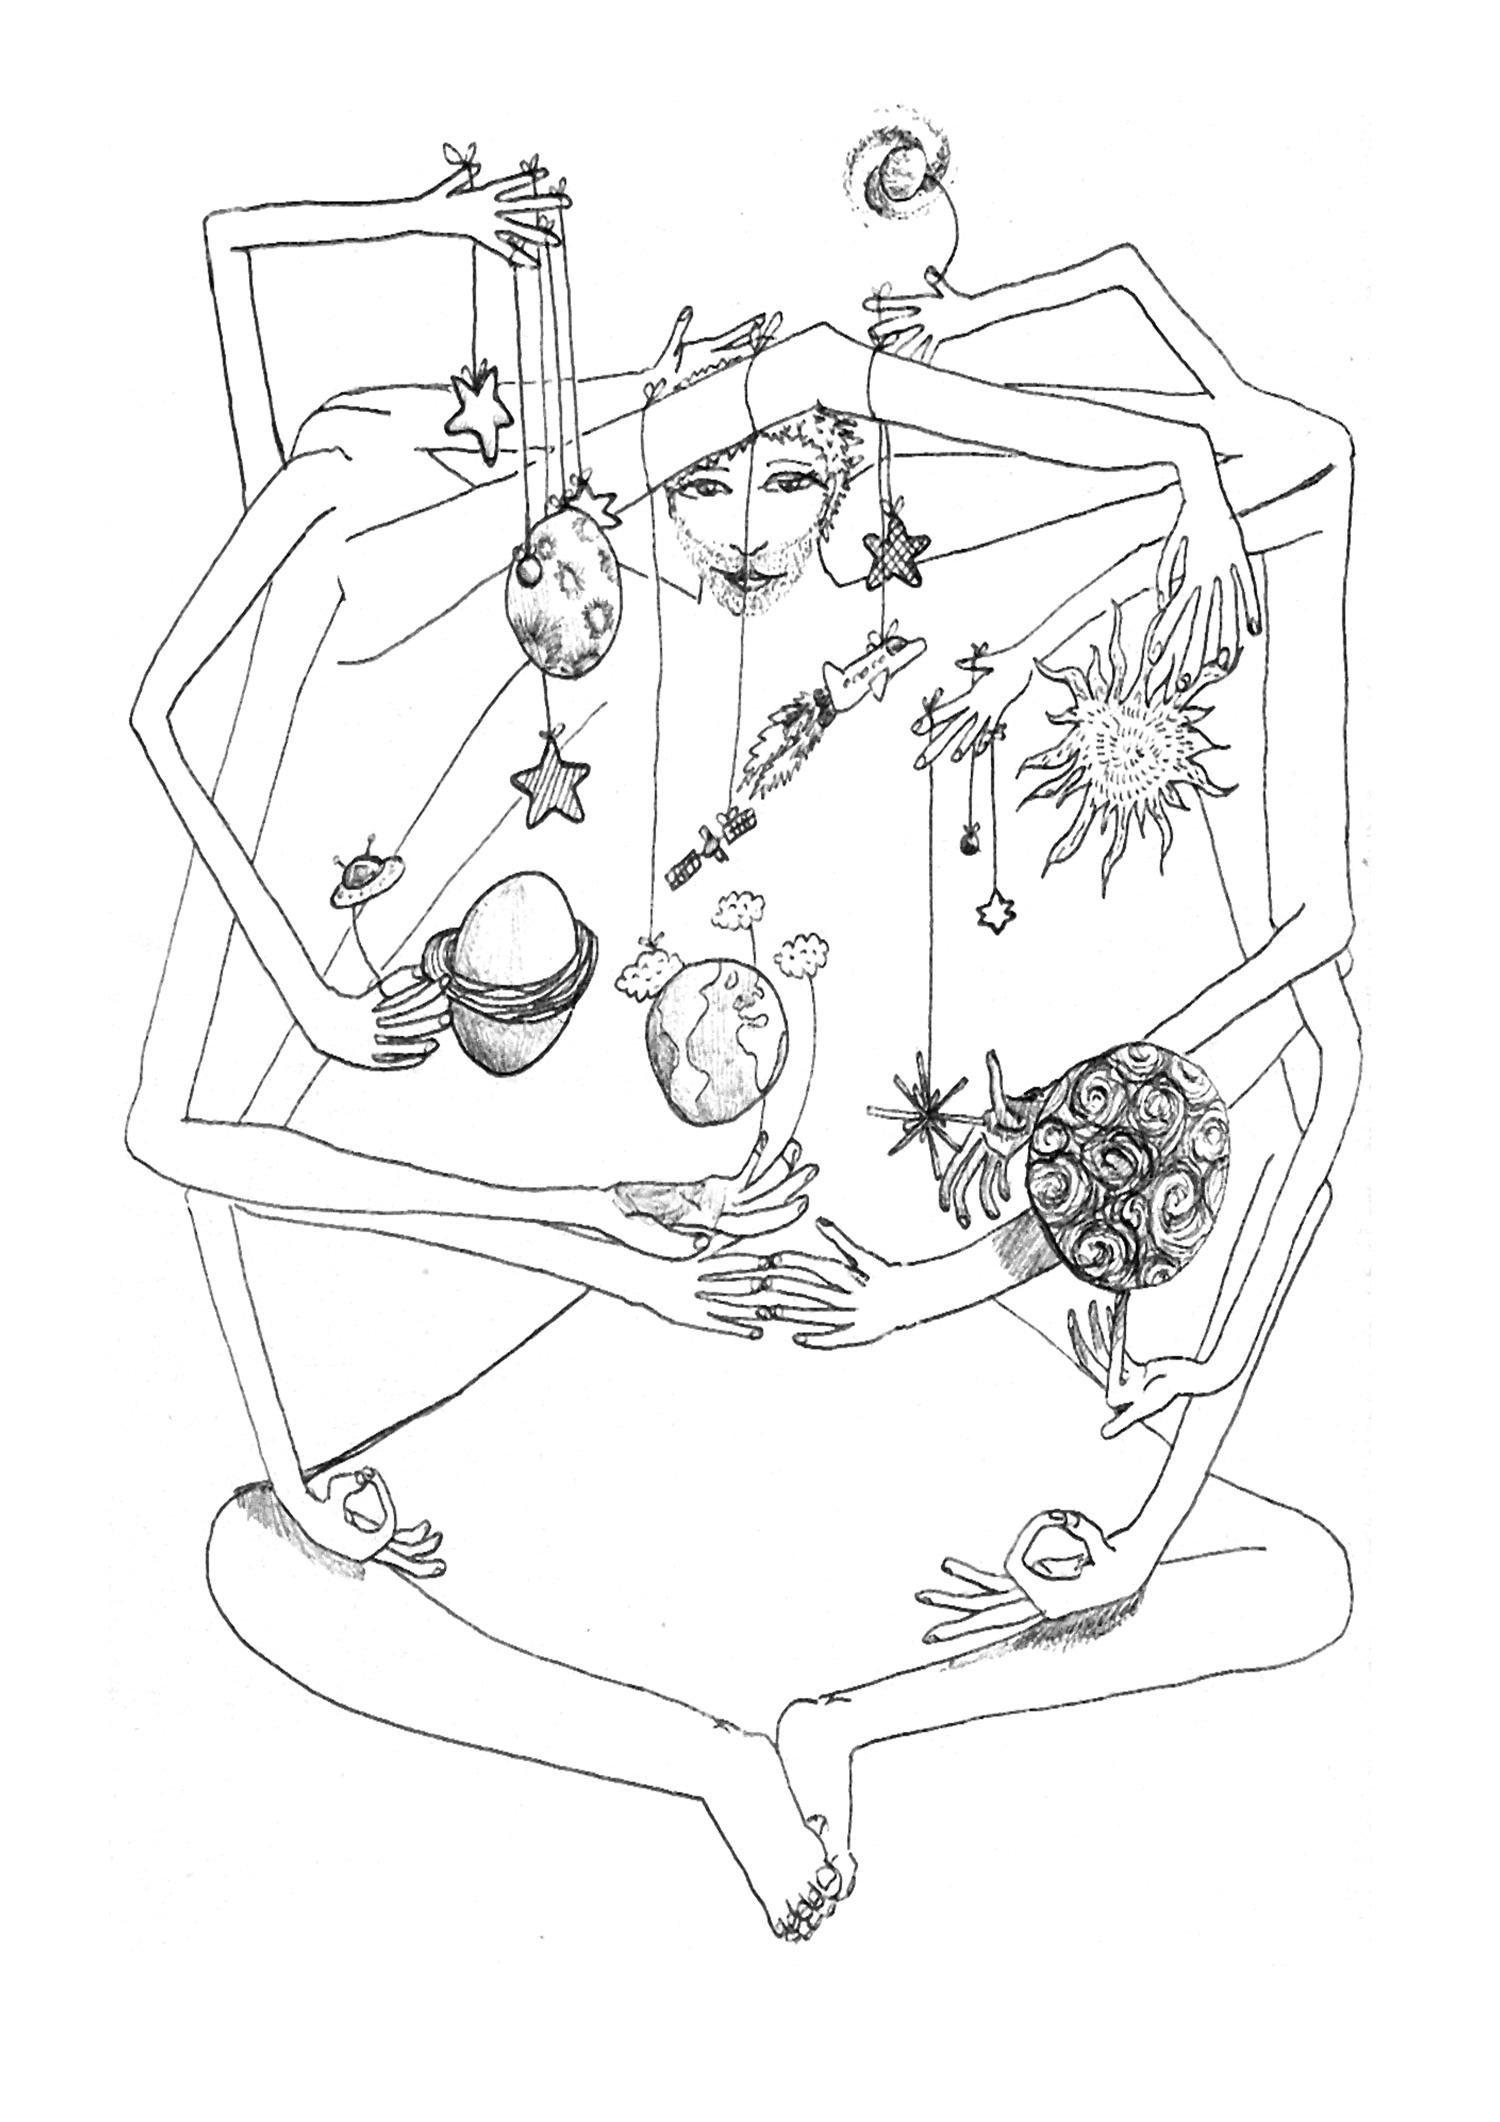 l univers l homme et la nature